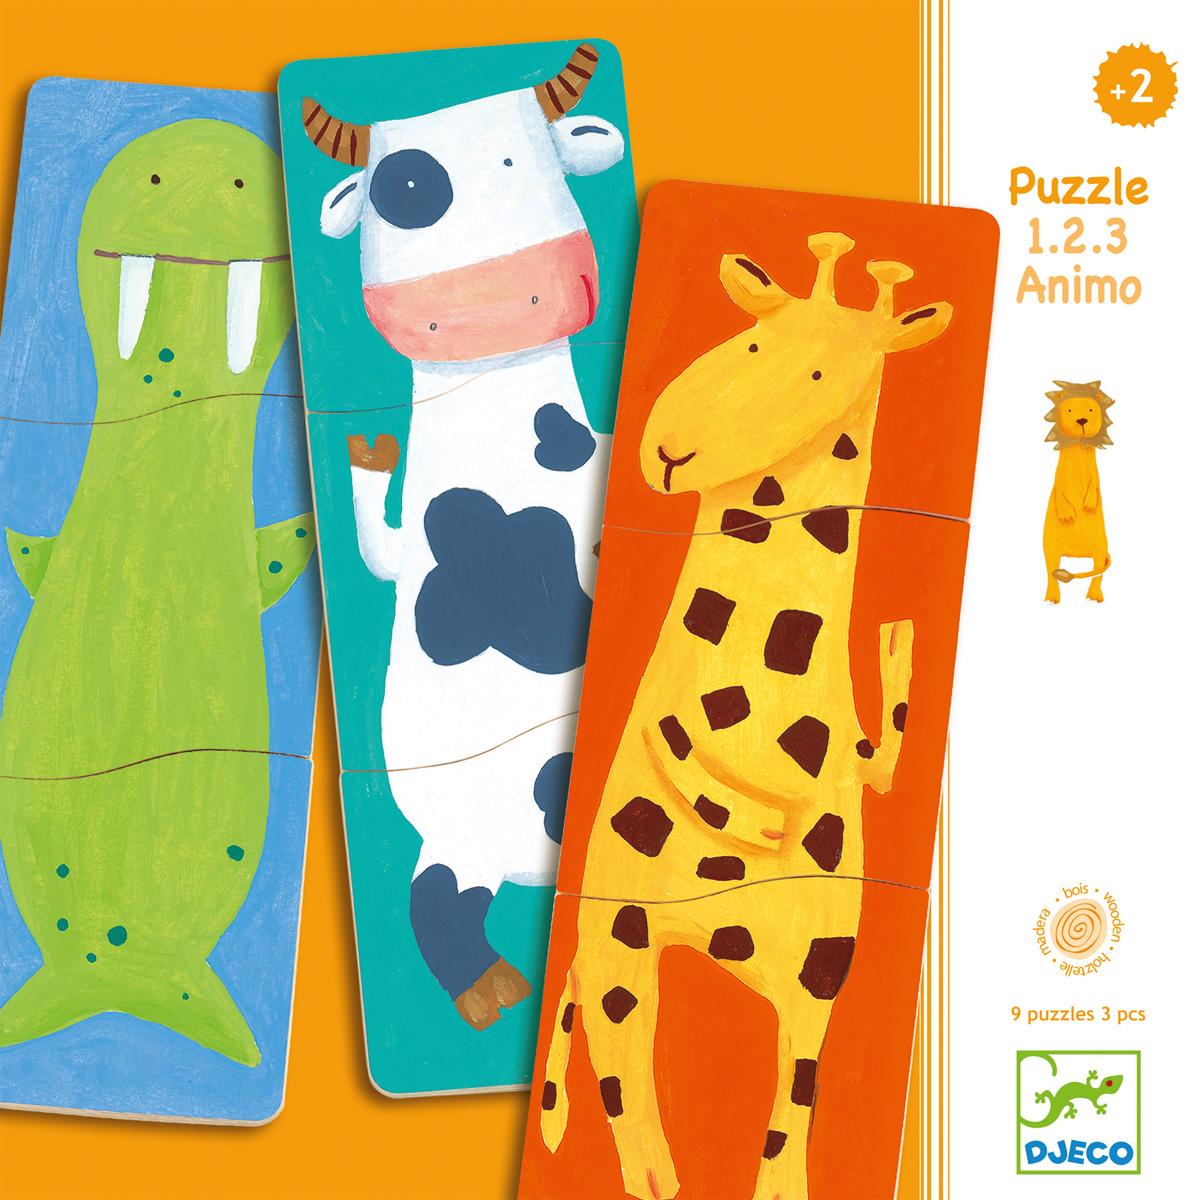 Djeco Пазл для малышей Забавные животные01551Пазл для малышей Djeco Забавные животные - первый пазл вашего малыша! Собирая зверей, ребенок будет развивать мелкую моторику, логическое мышление и внимание. В комплект входят 9 пазлов с изображениями различных животных. Каждый пазл состоит из трех элементов, задача малыша - сложить части в правильном порядке. Все детали выполнены в ярких красочных цветах, животные изображены в неповторимом стиле Djeco.